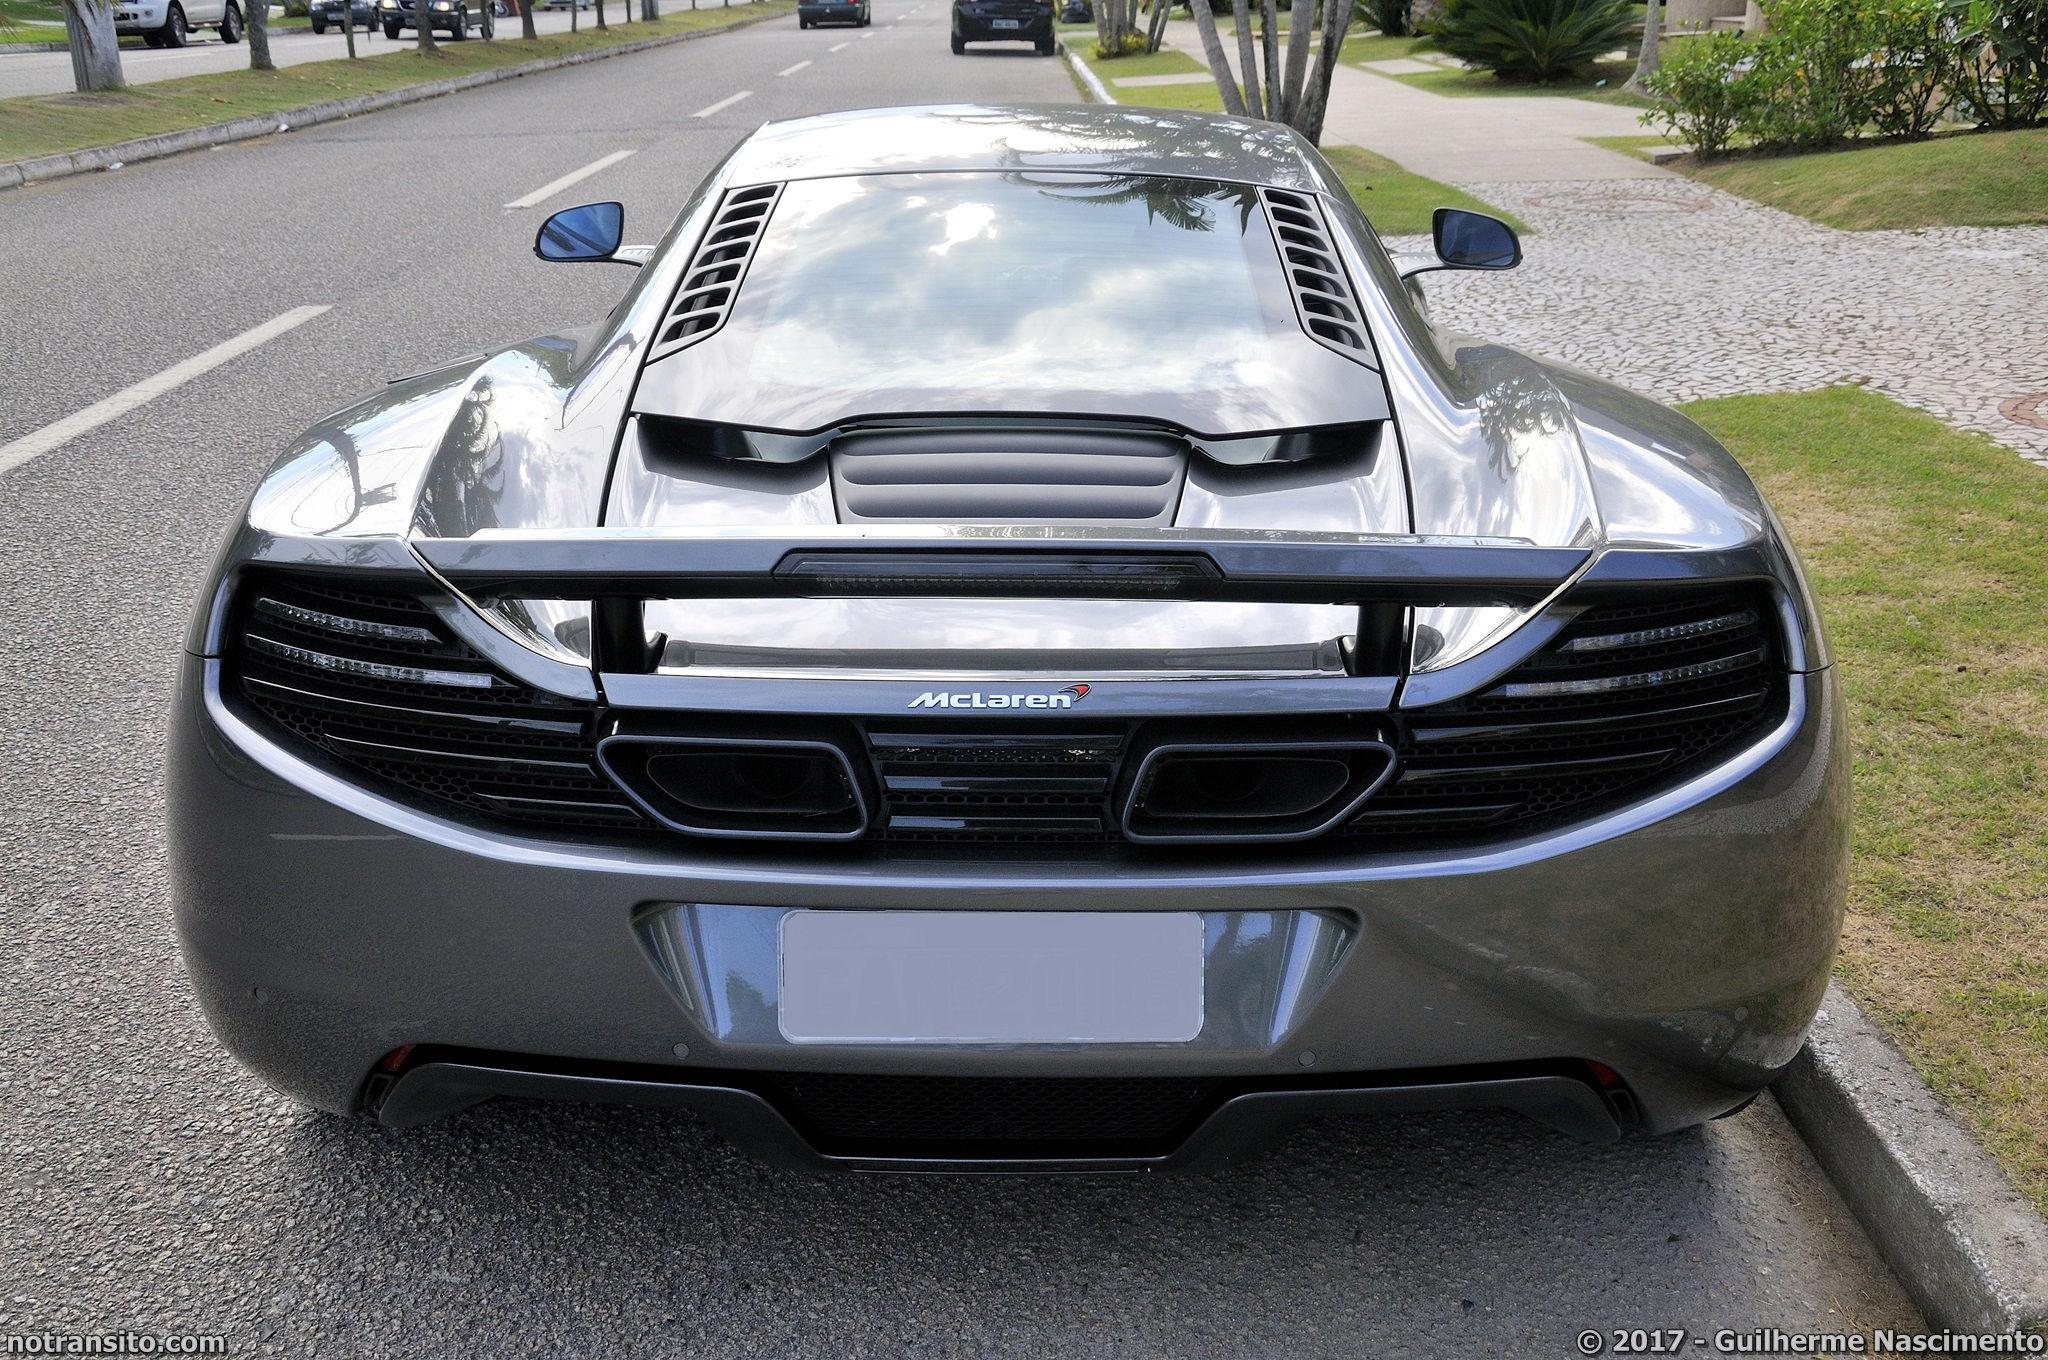 Lamborghini-Aventador-LP-700-4-McLaren-MP4-12C-025